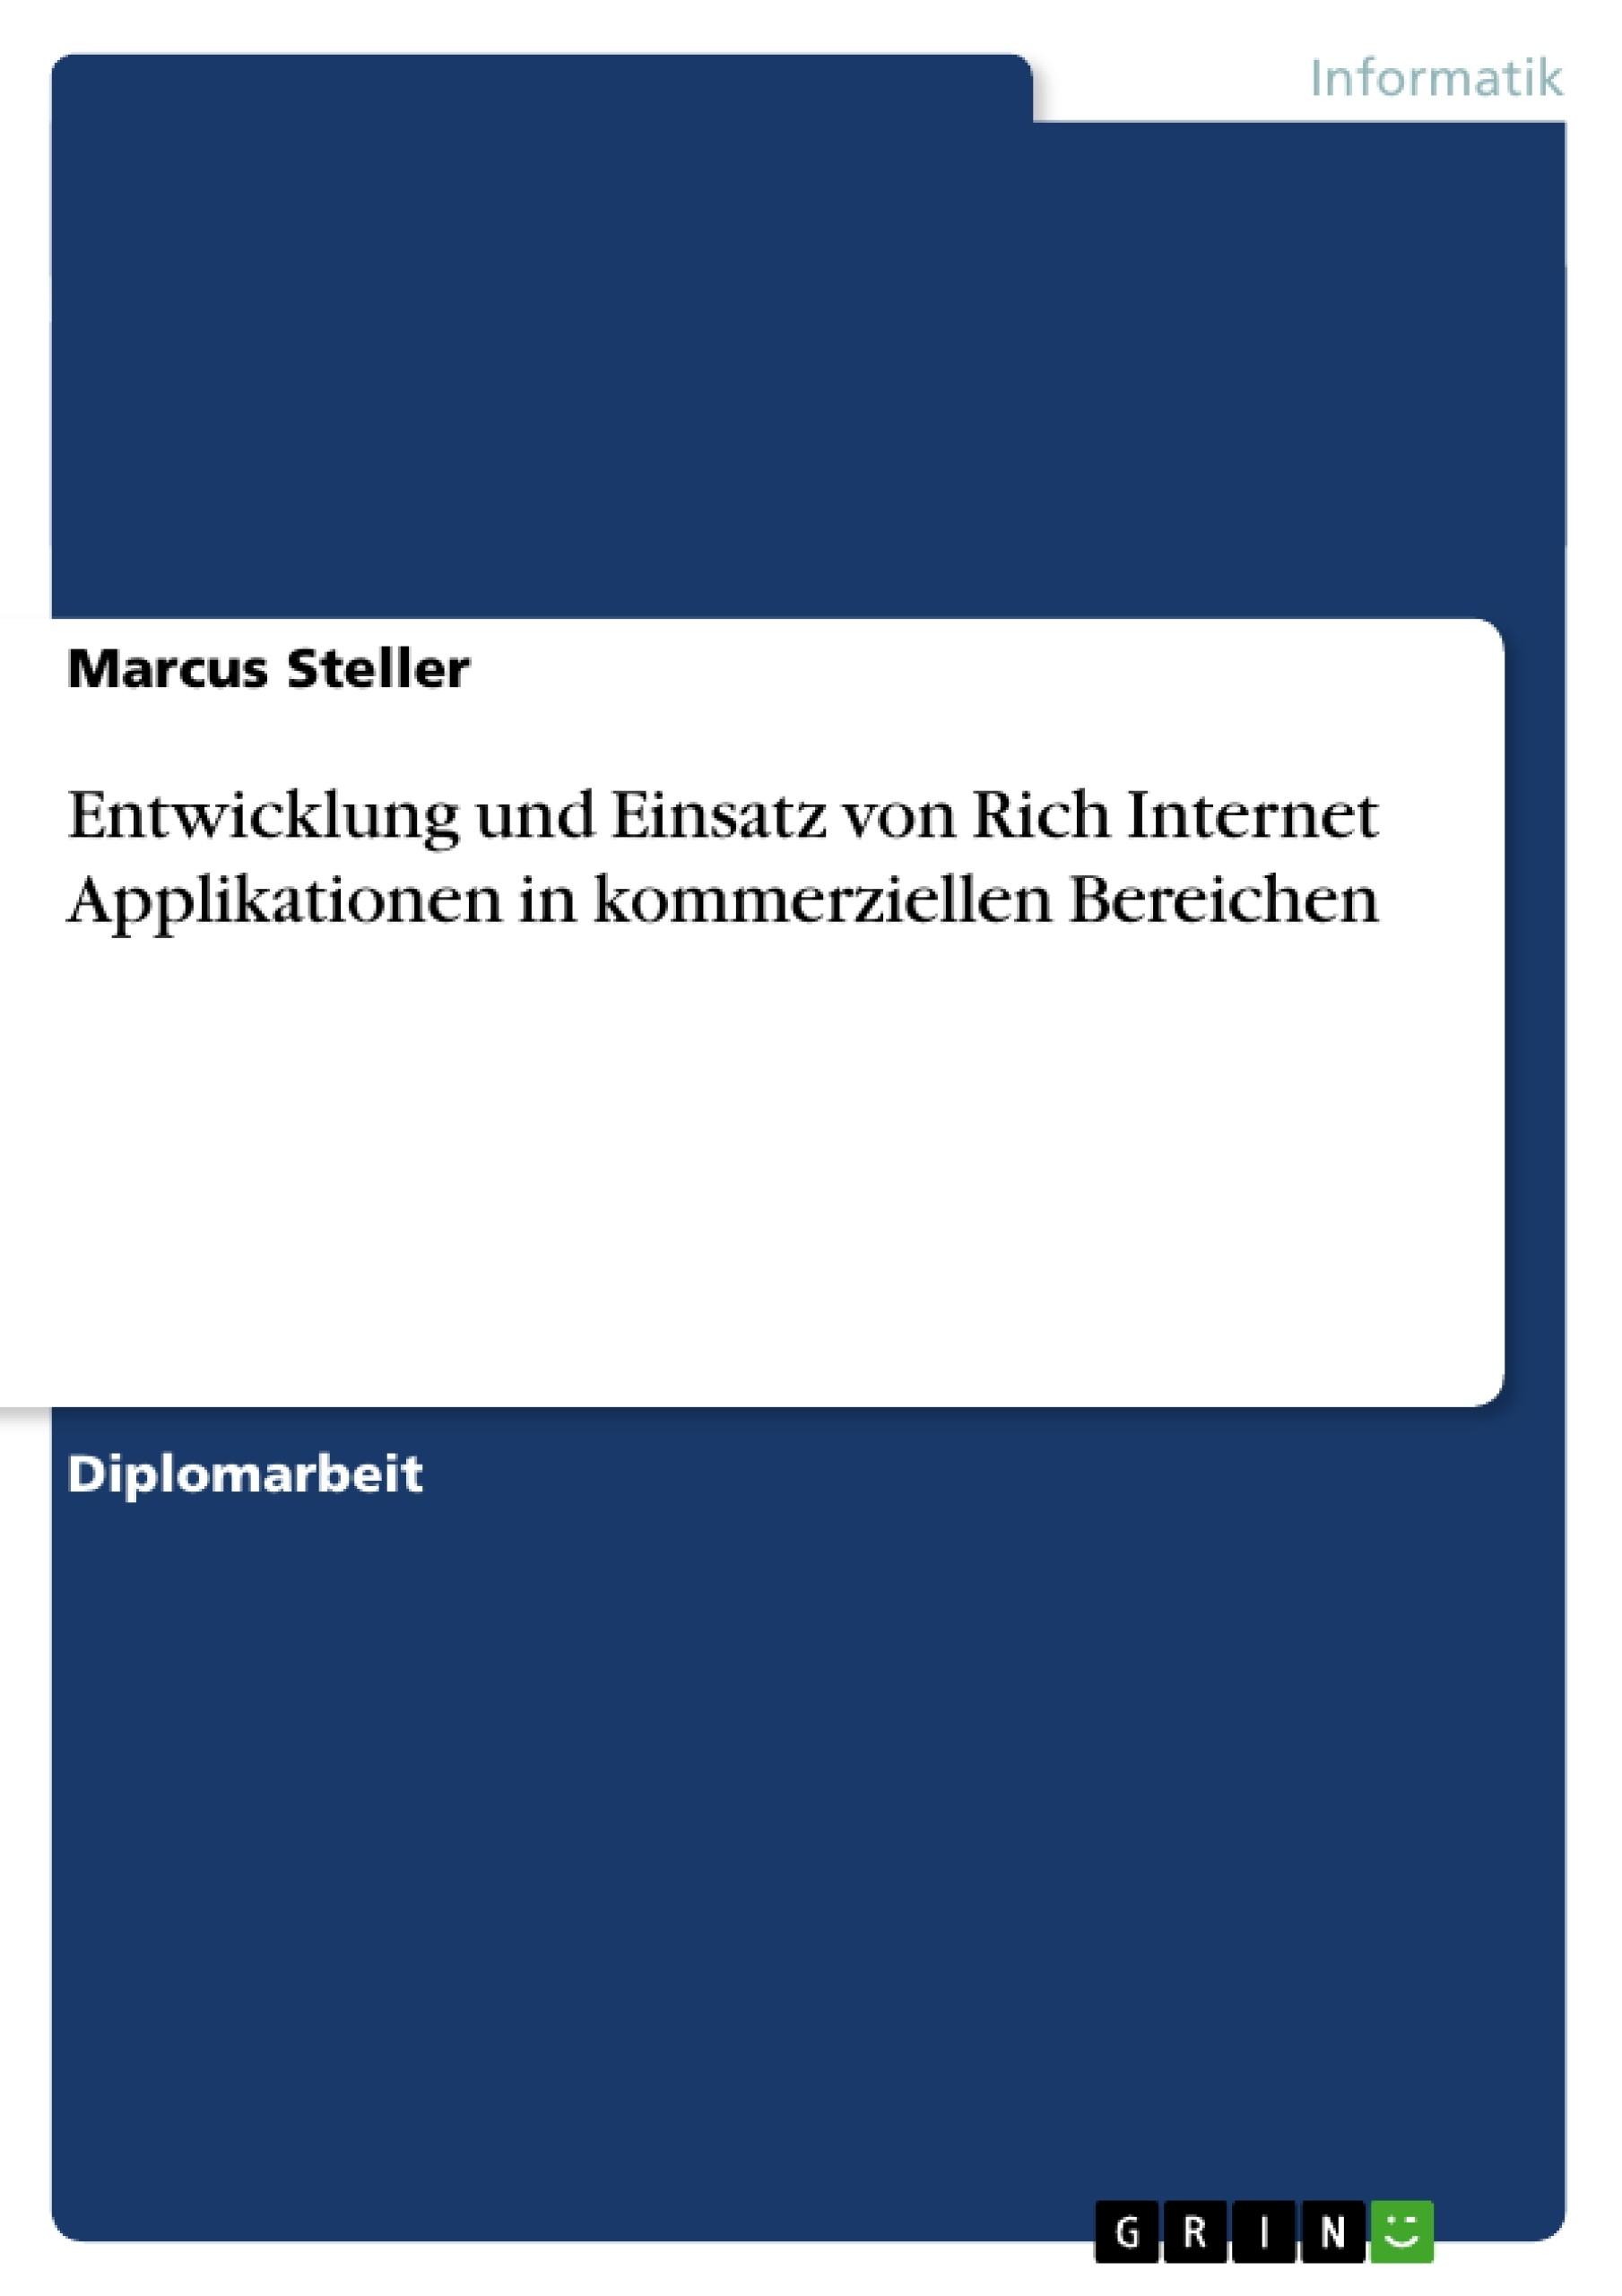 Titel: Entwicklung und Einsatz von Rich Internet Applikationen in kommerziellen Bereichen